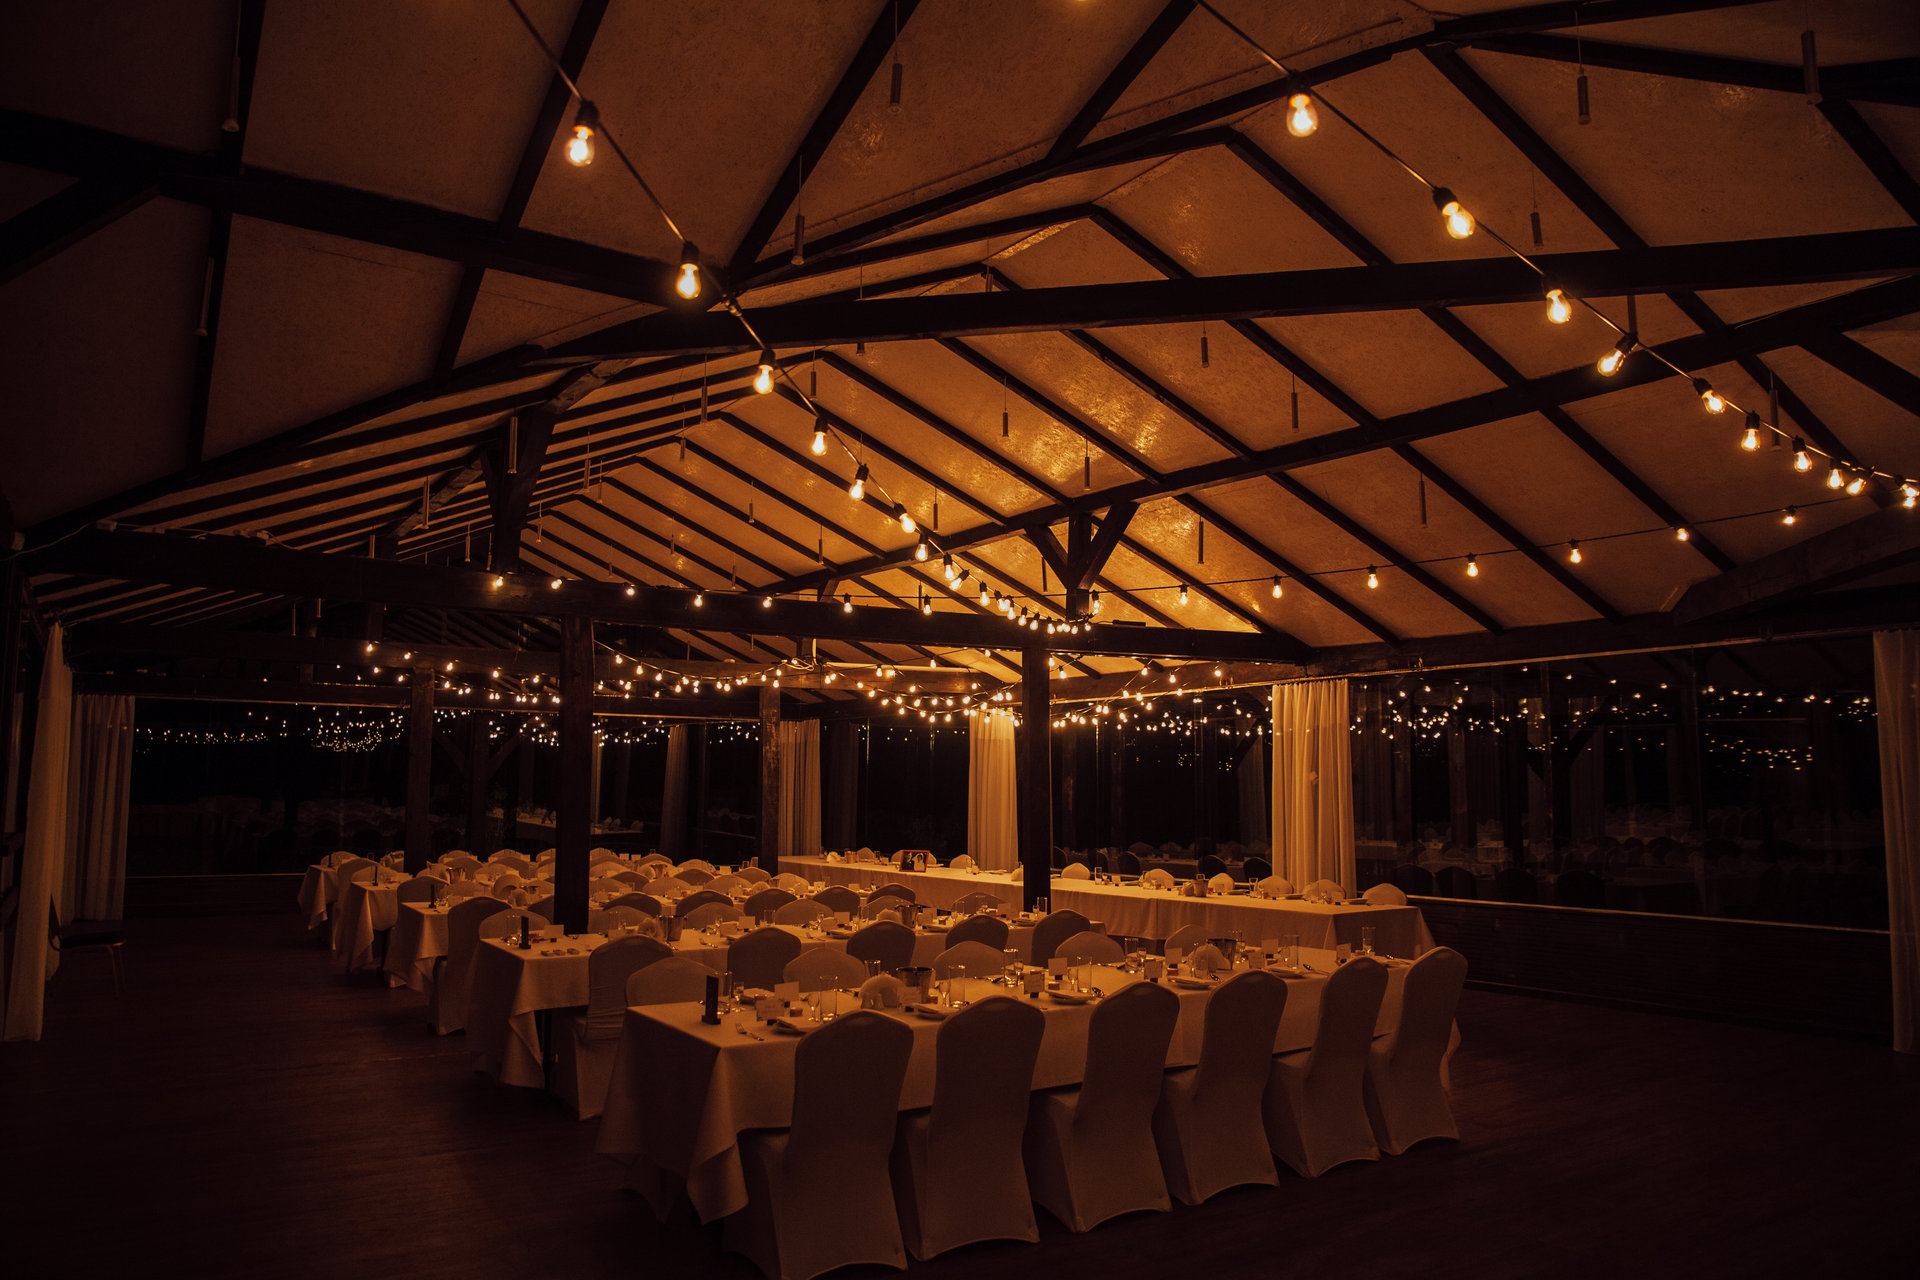 wesele w stodole, girlandowo, motycz